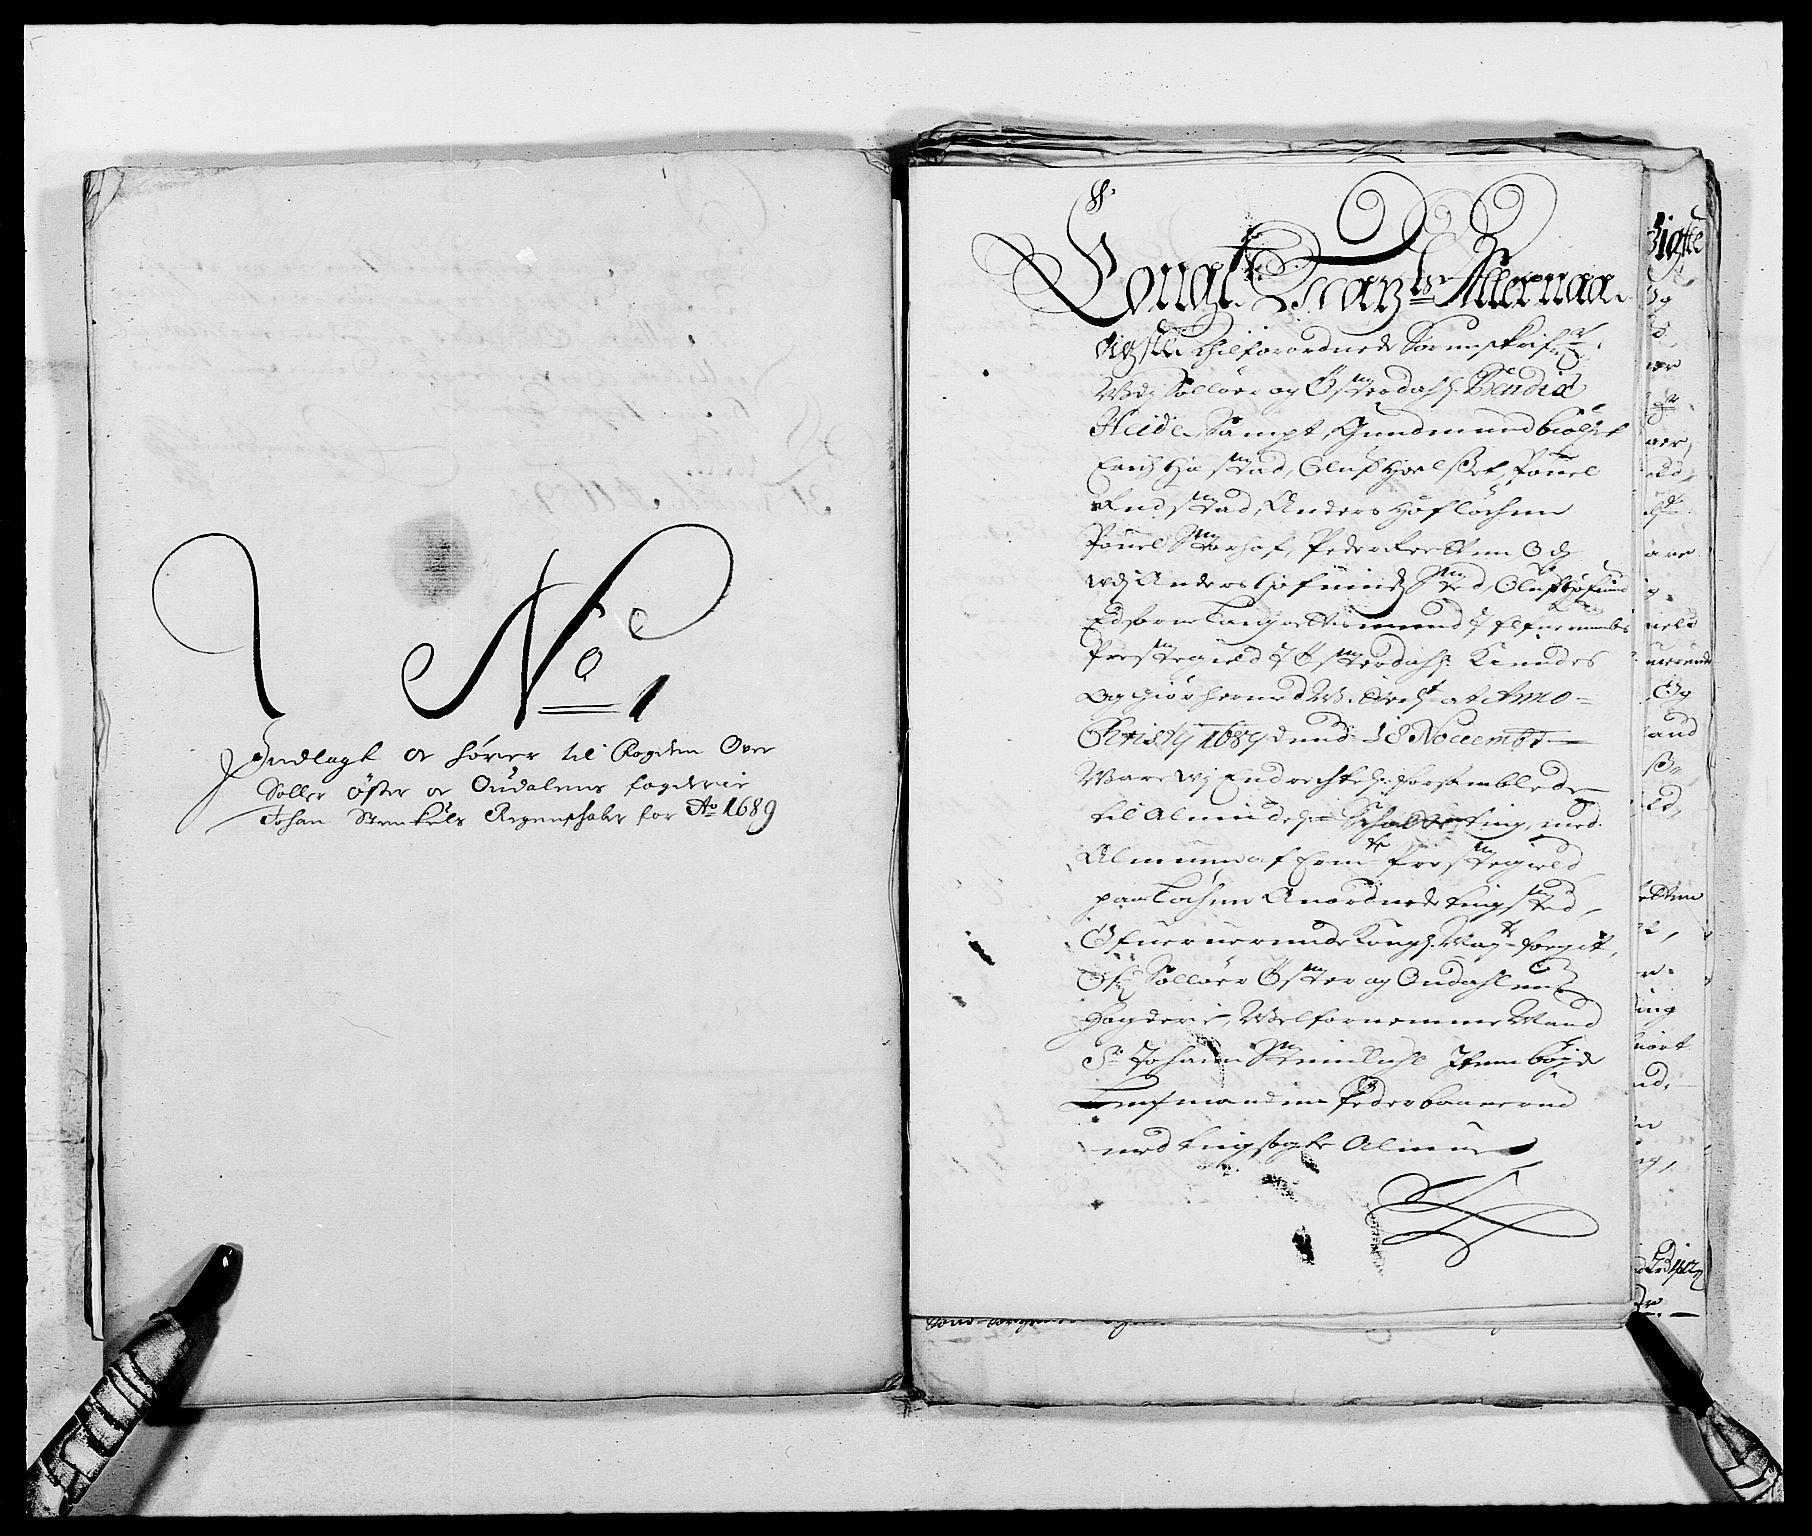 RA, Rentekammeret inntil 1814, Reviderte regnskaper, Fogderegnskap, R13/L0827: Fogderegnskap Solør, Odal og Østerdal, 1689, s. 362